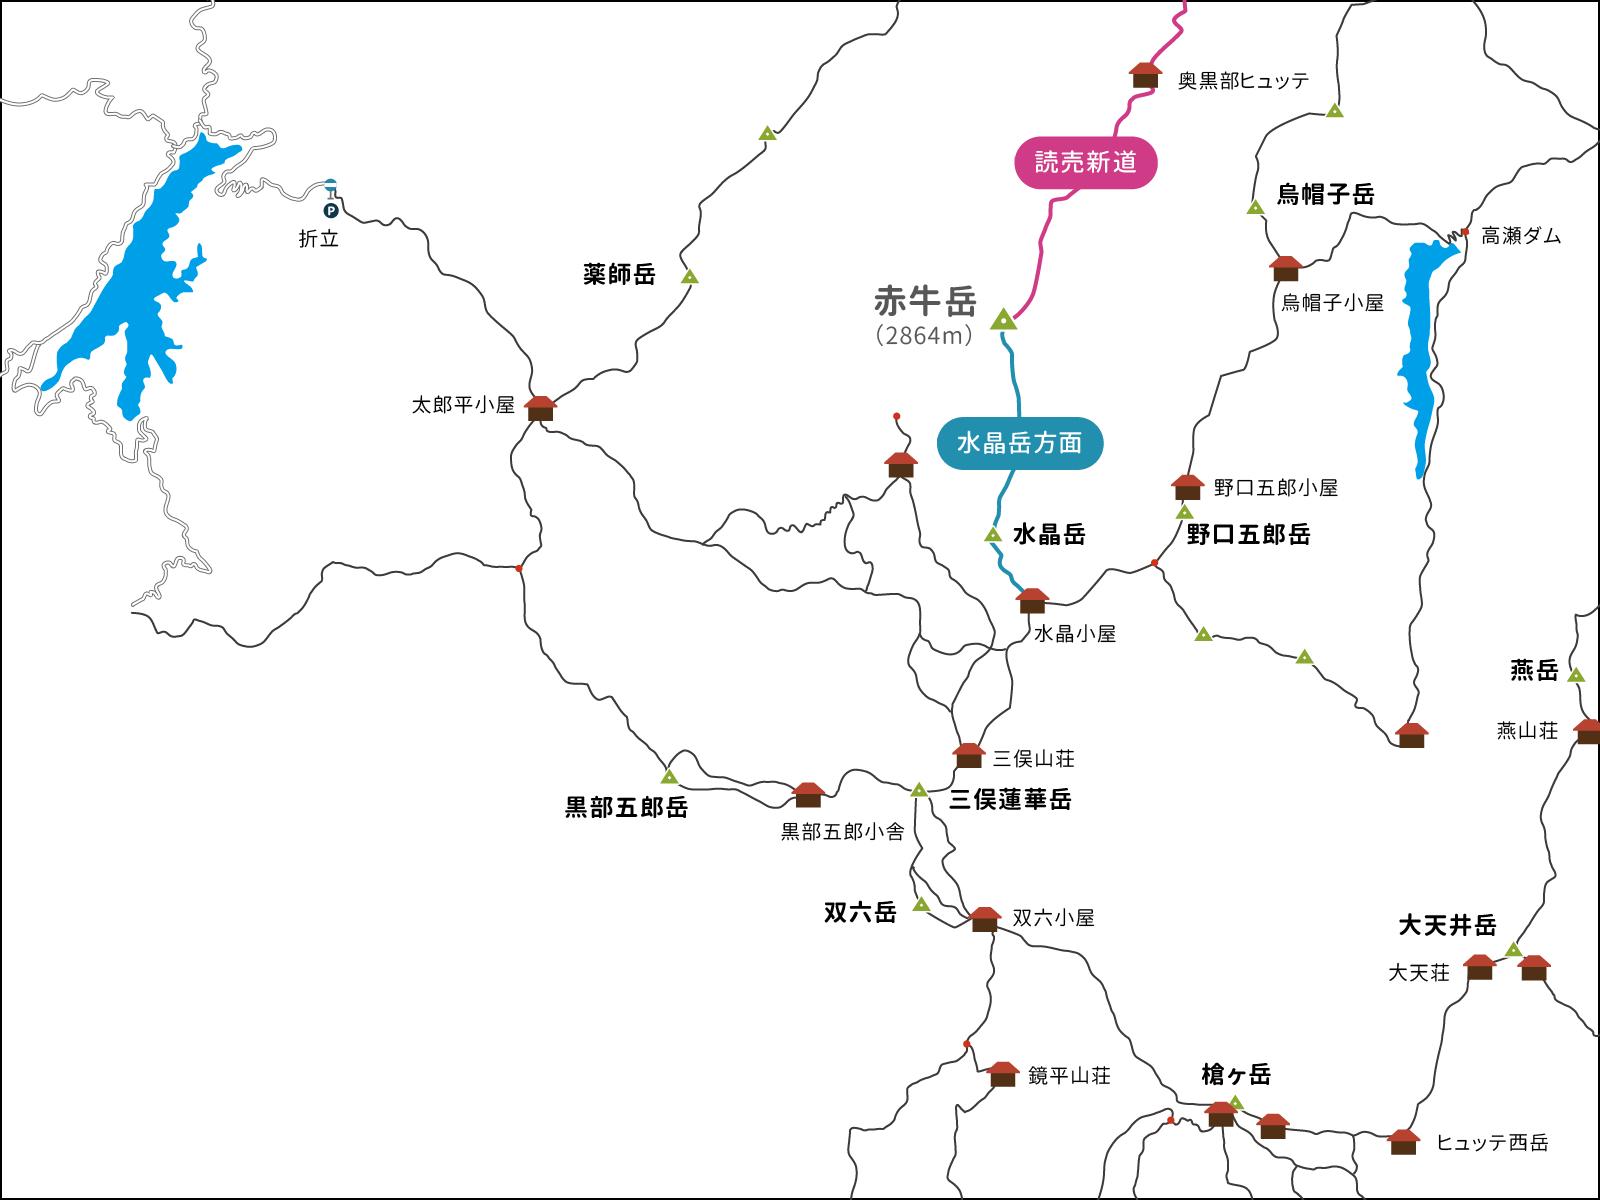 赤牛岳へのイラストマップ